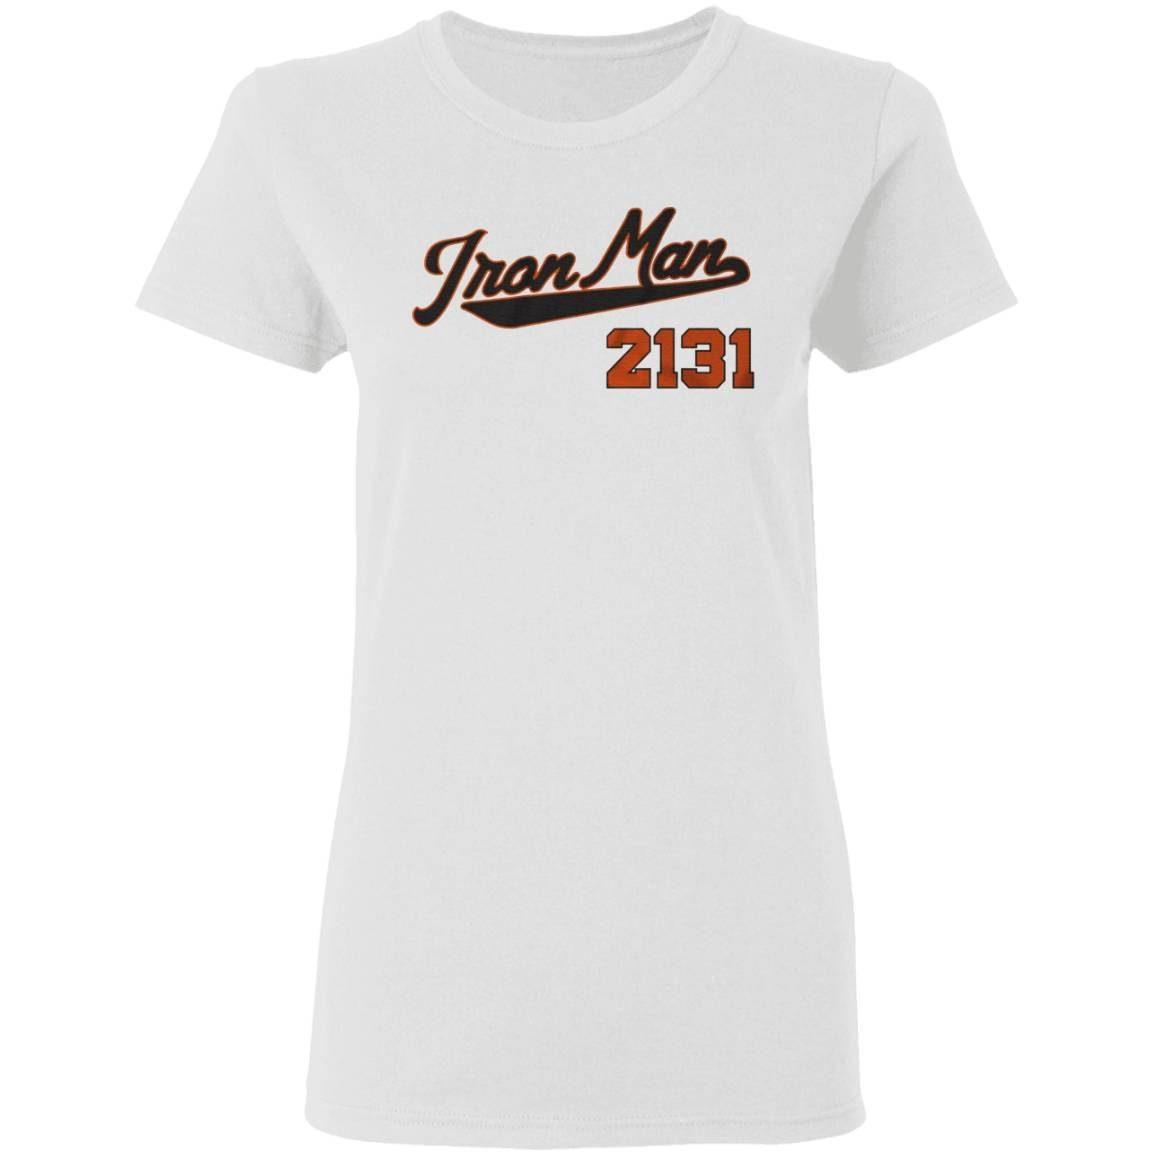 Iron Man 2131 T Shirt